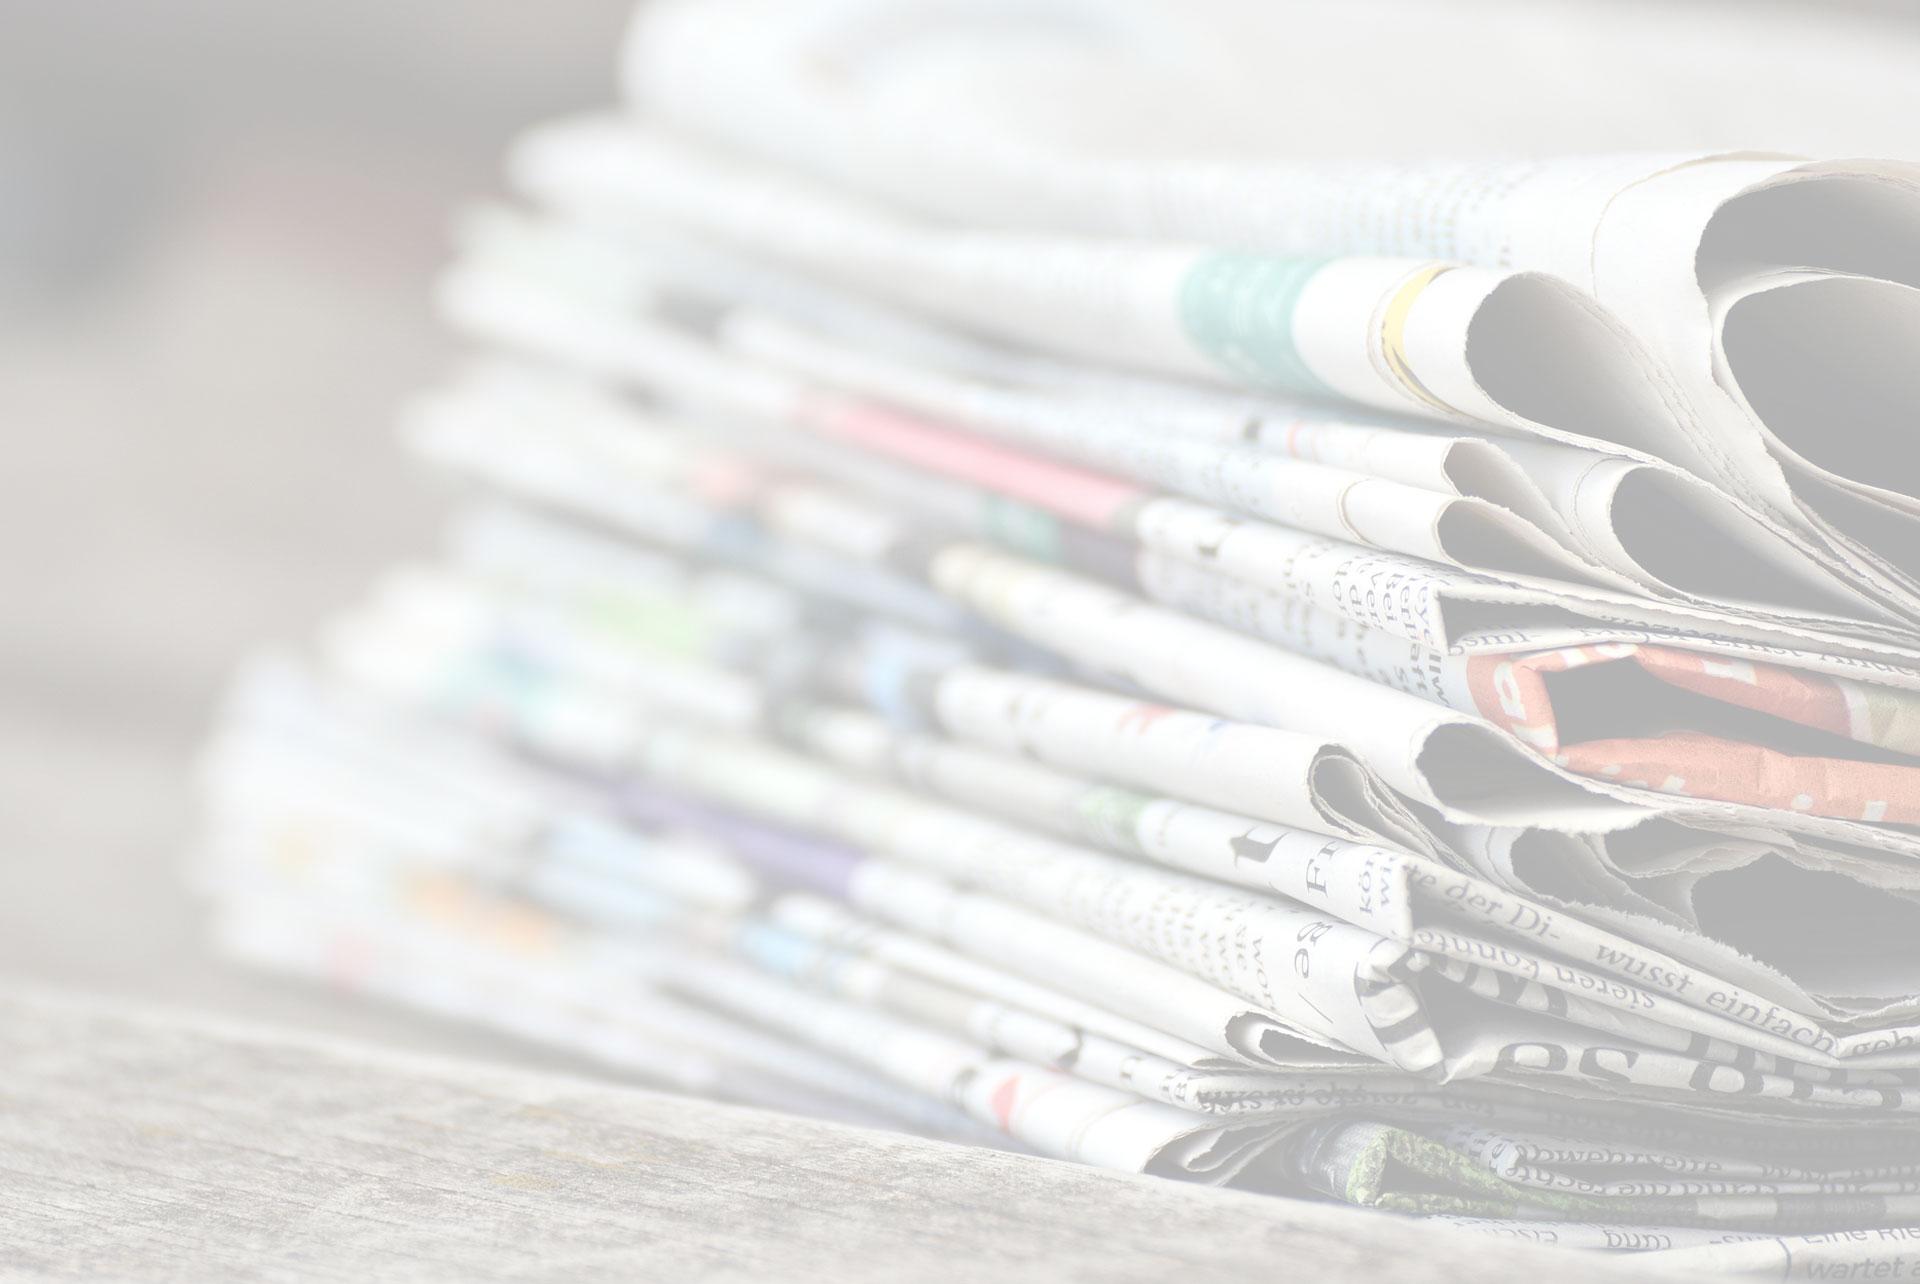 I 5 migliori musei di Torino da non perdere assolutamente